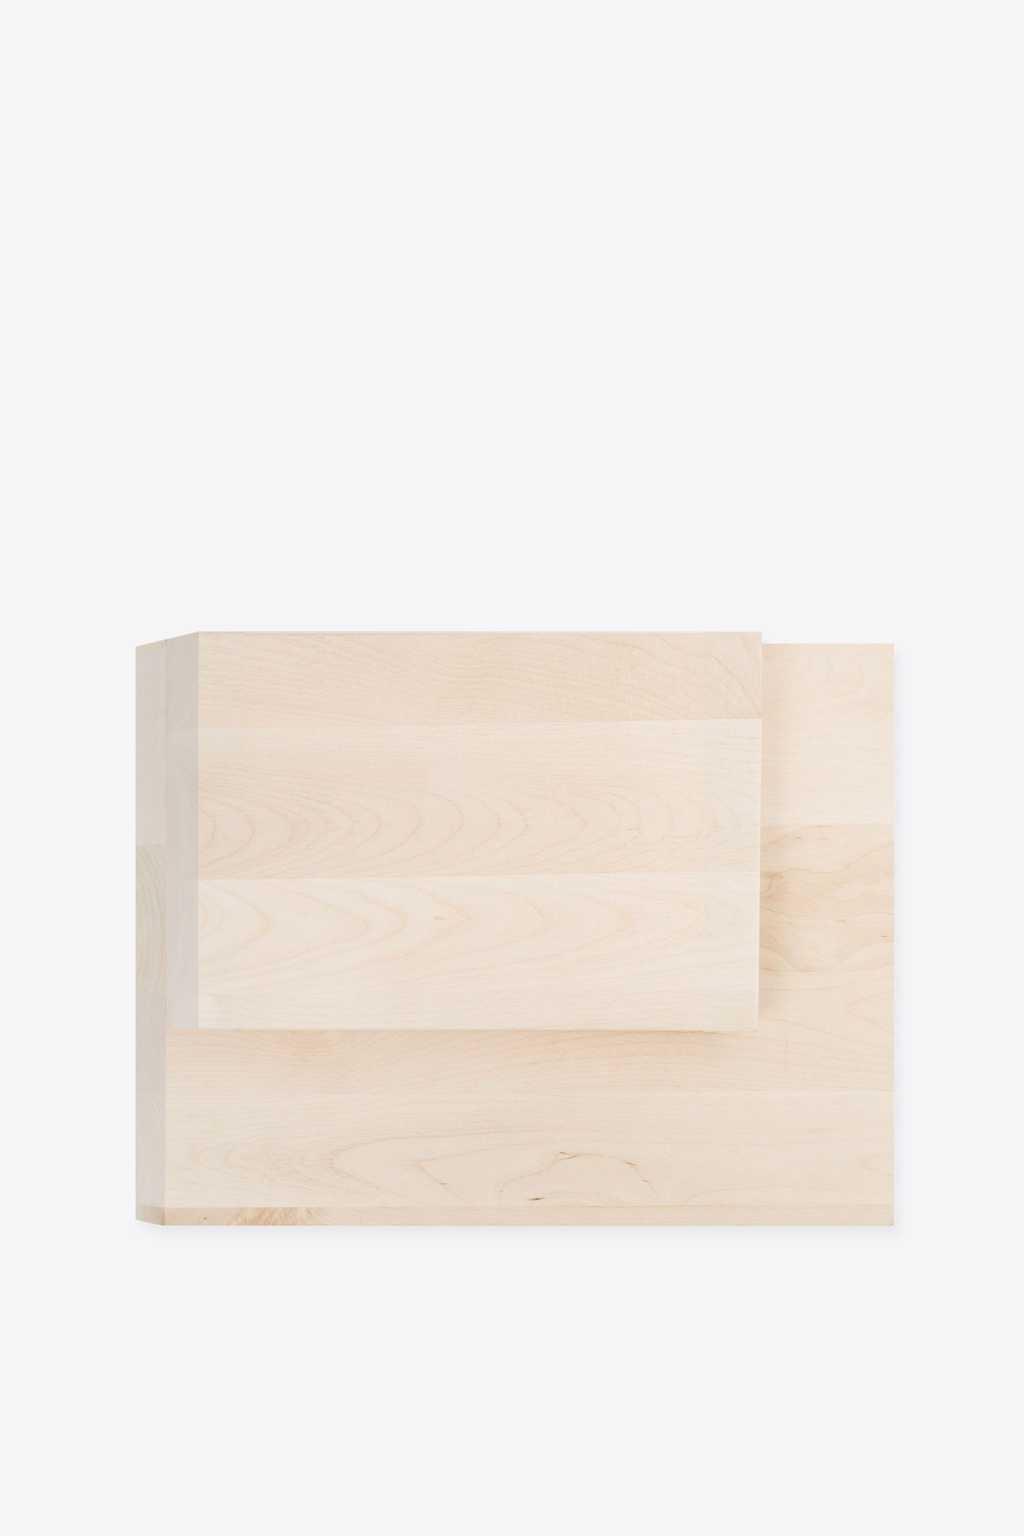 Small Cutting Board 1019 Brown 4